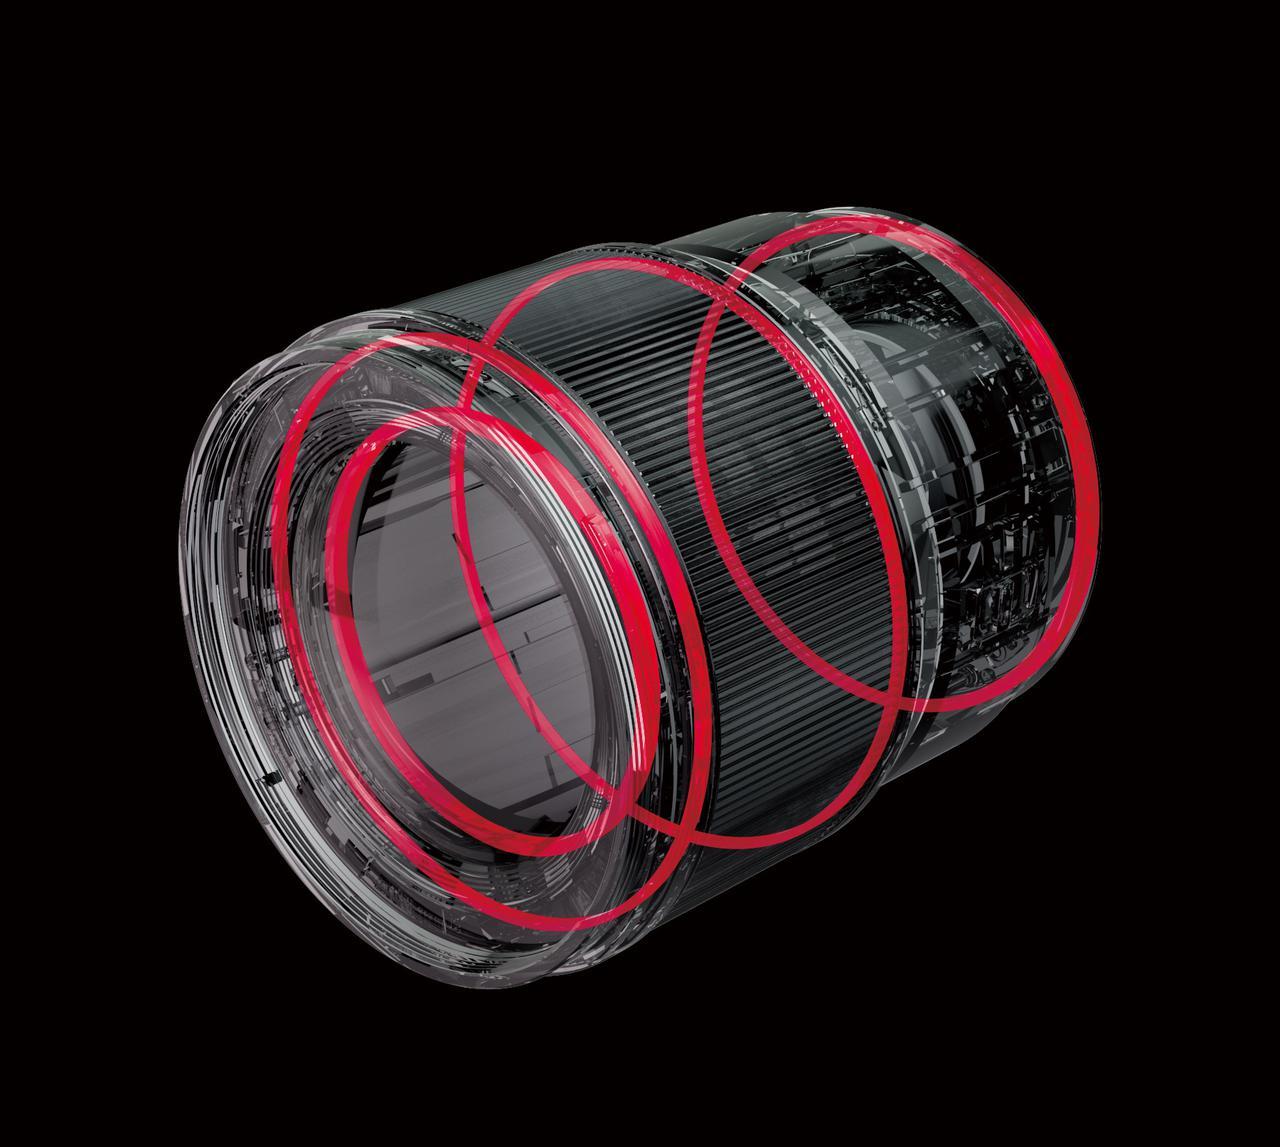 画像: ▲防塵・防滴のためのシーリングが施され、屋外の撮影でも安心だ。